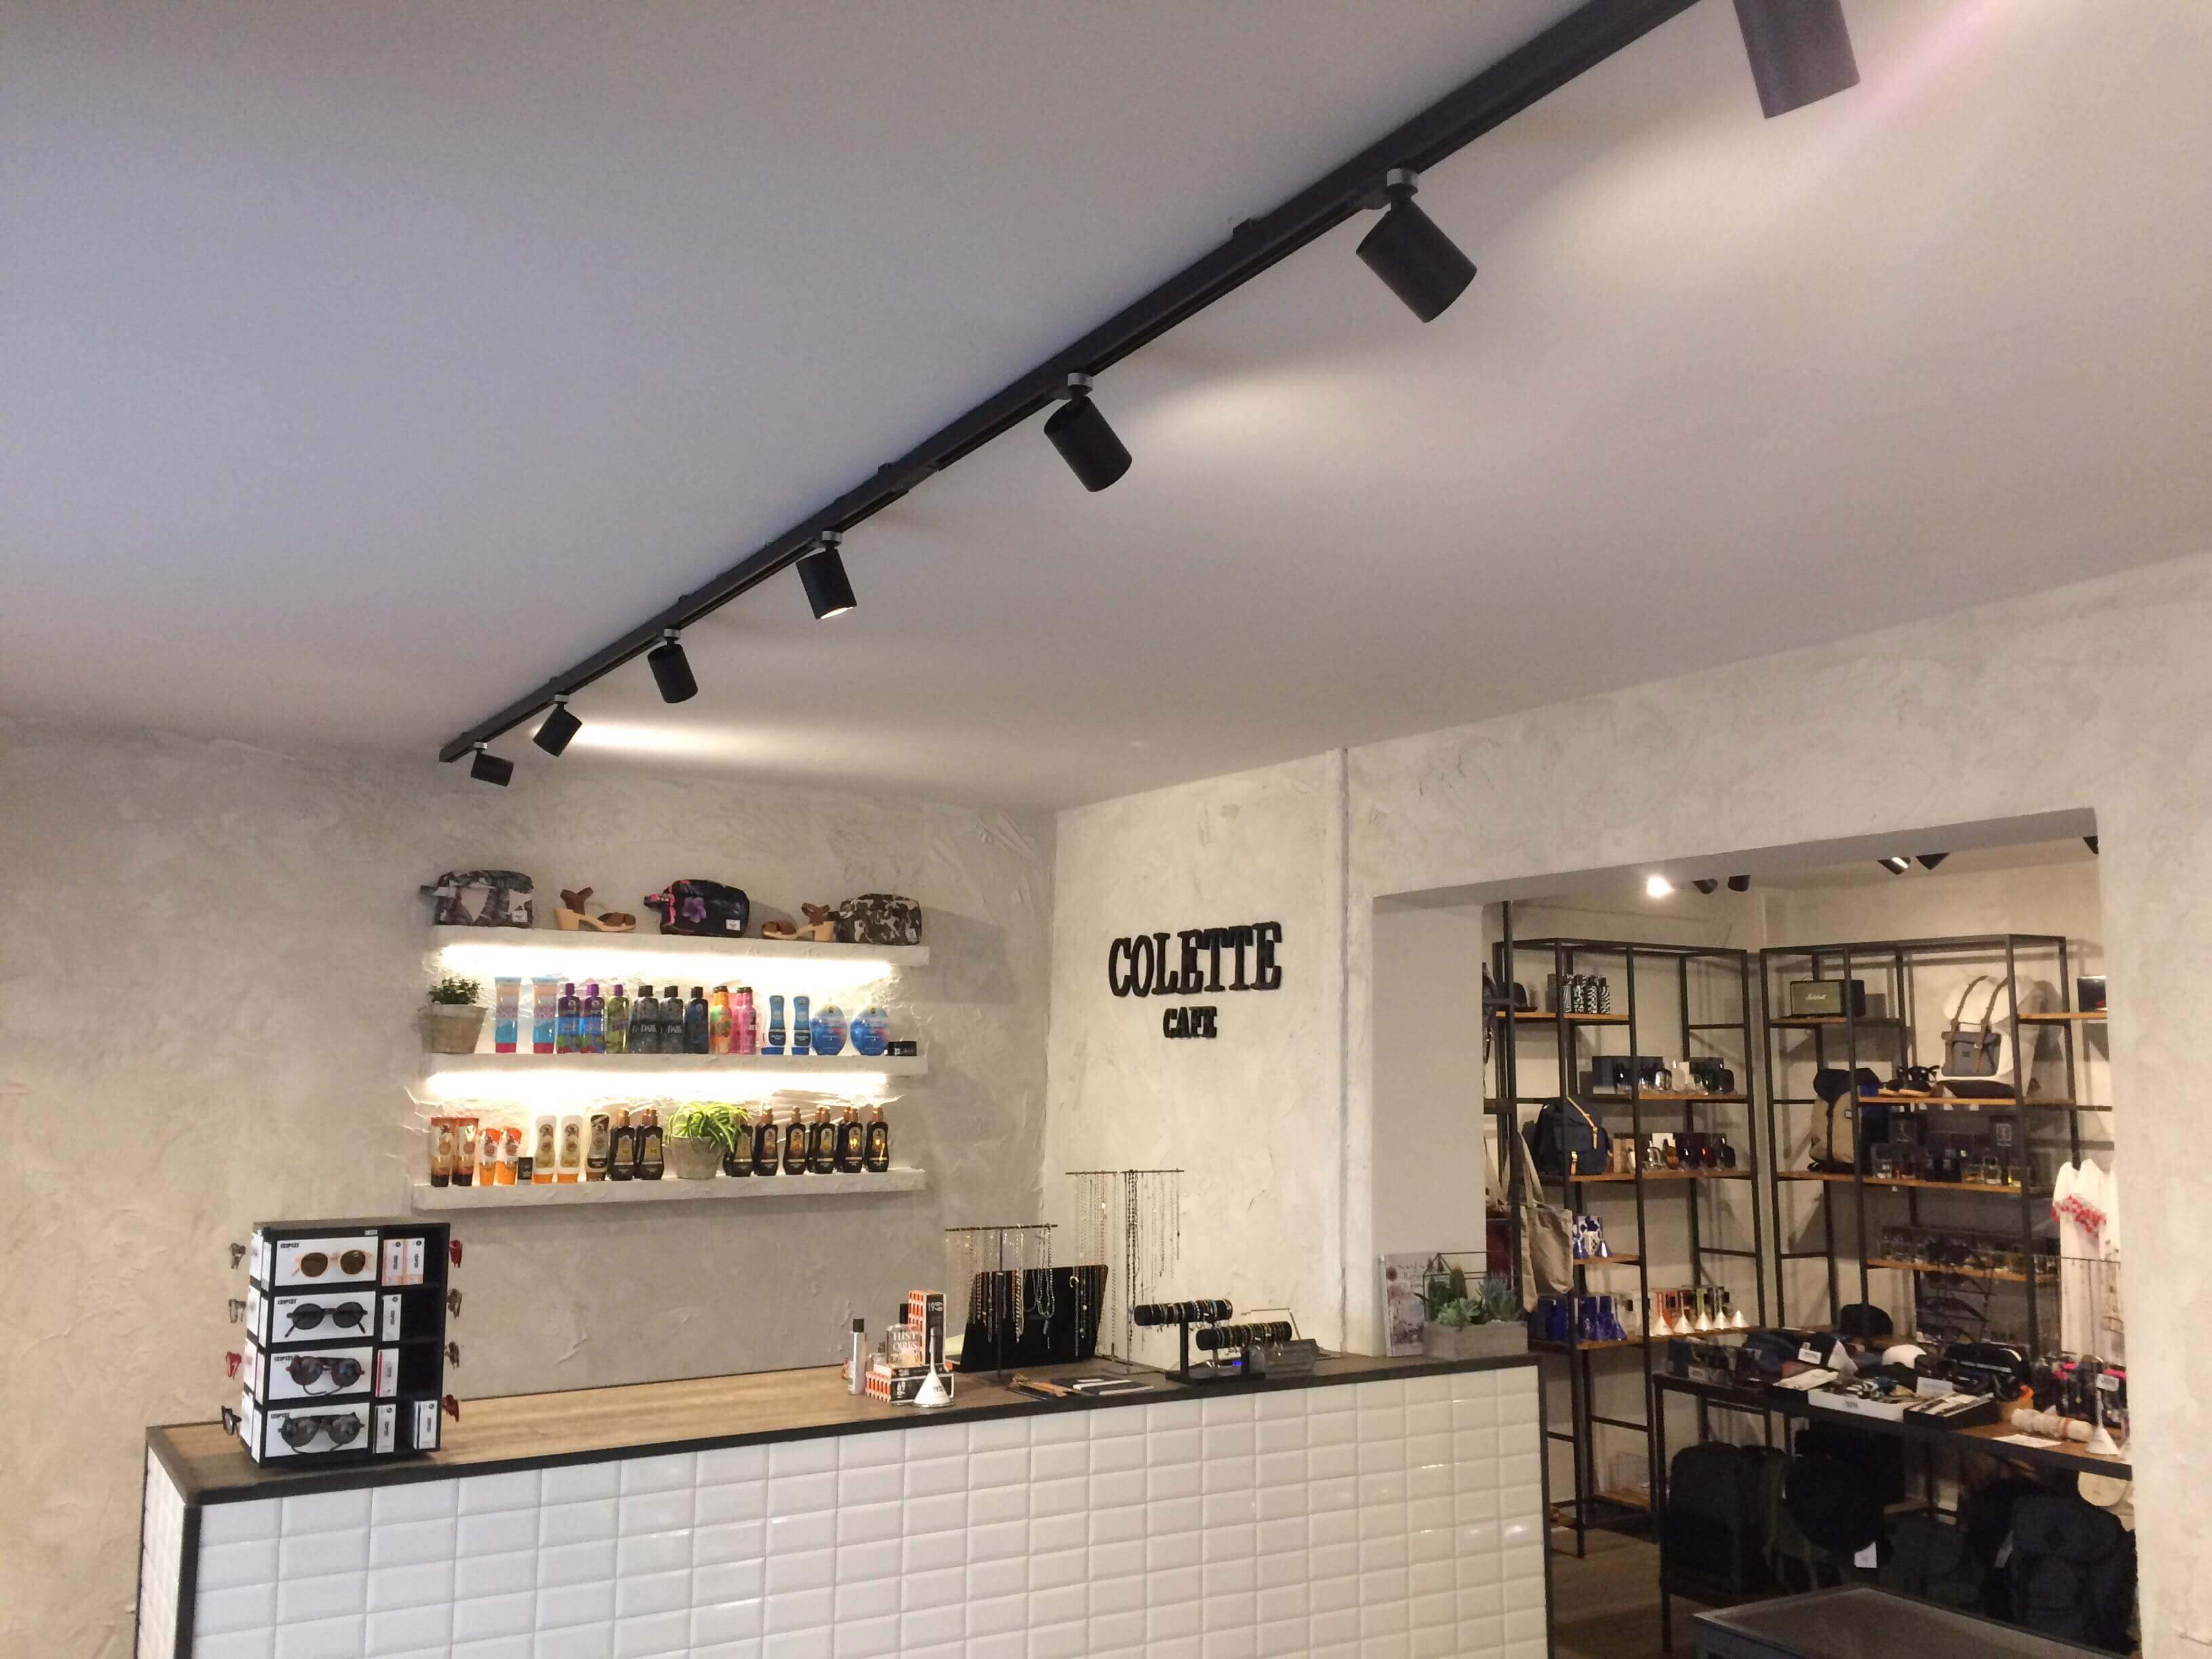 colette-caffe-vignola-realizzazioni-illuminazione